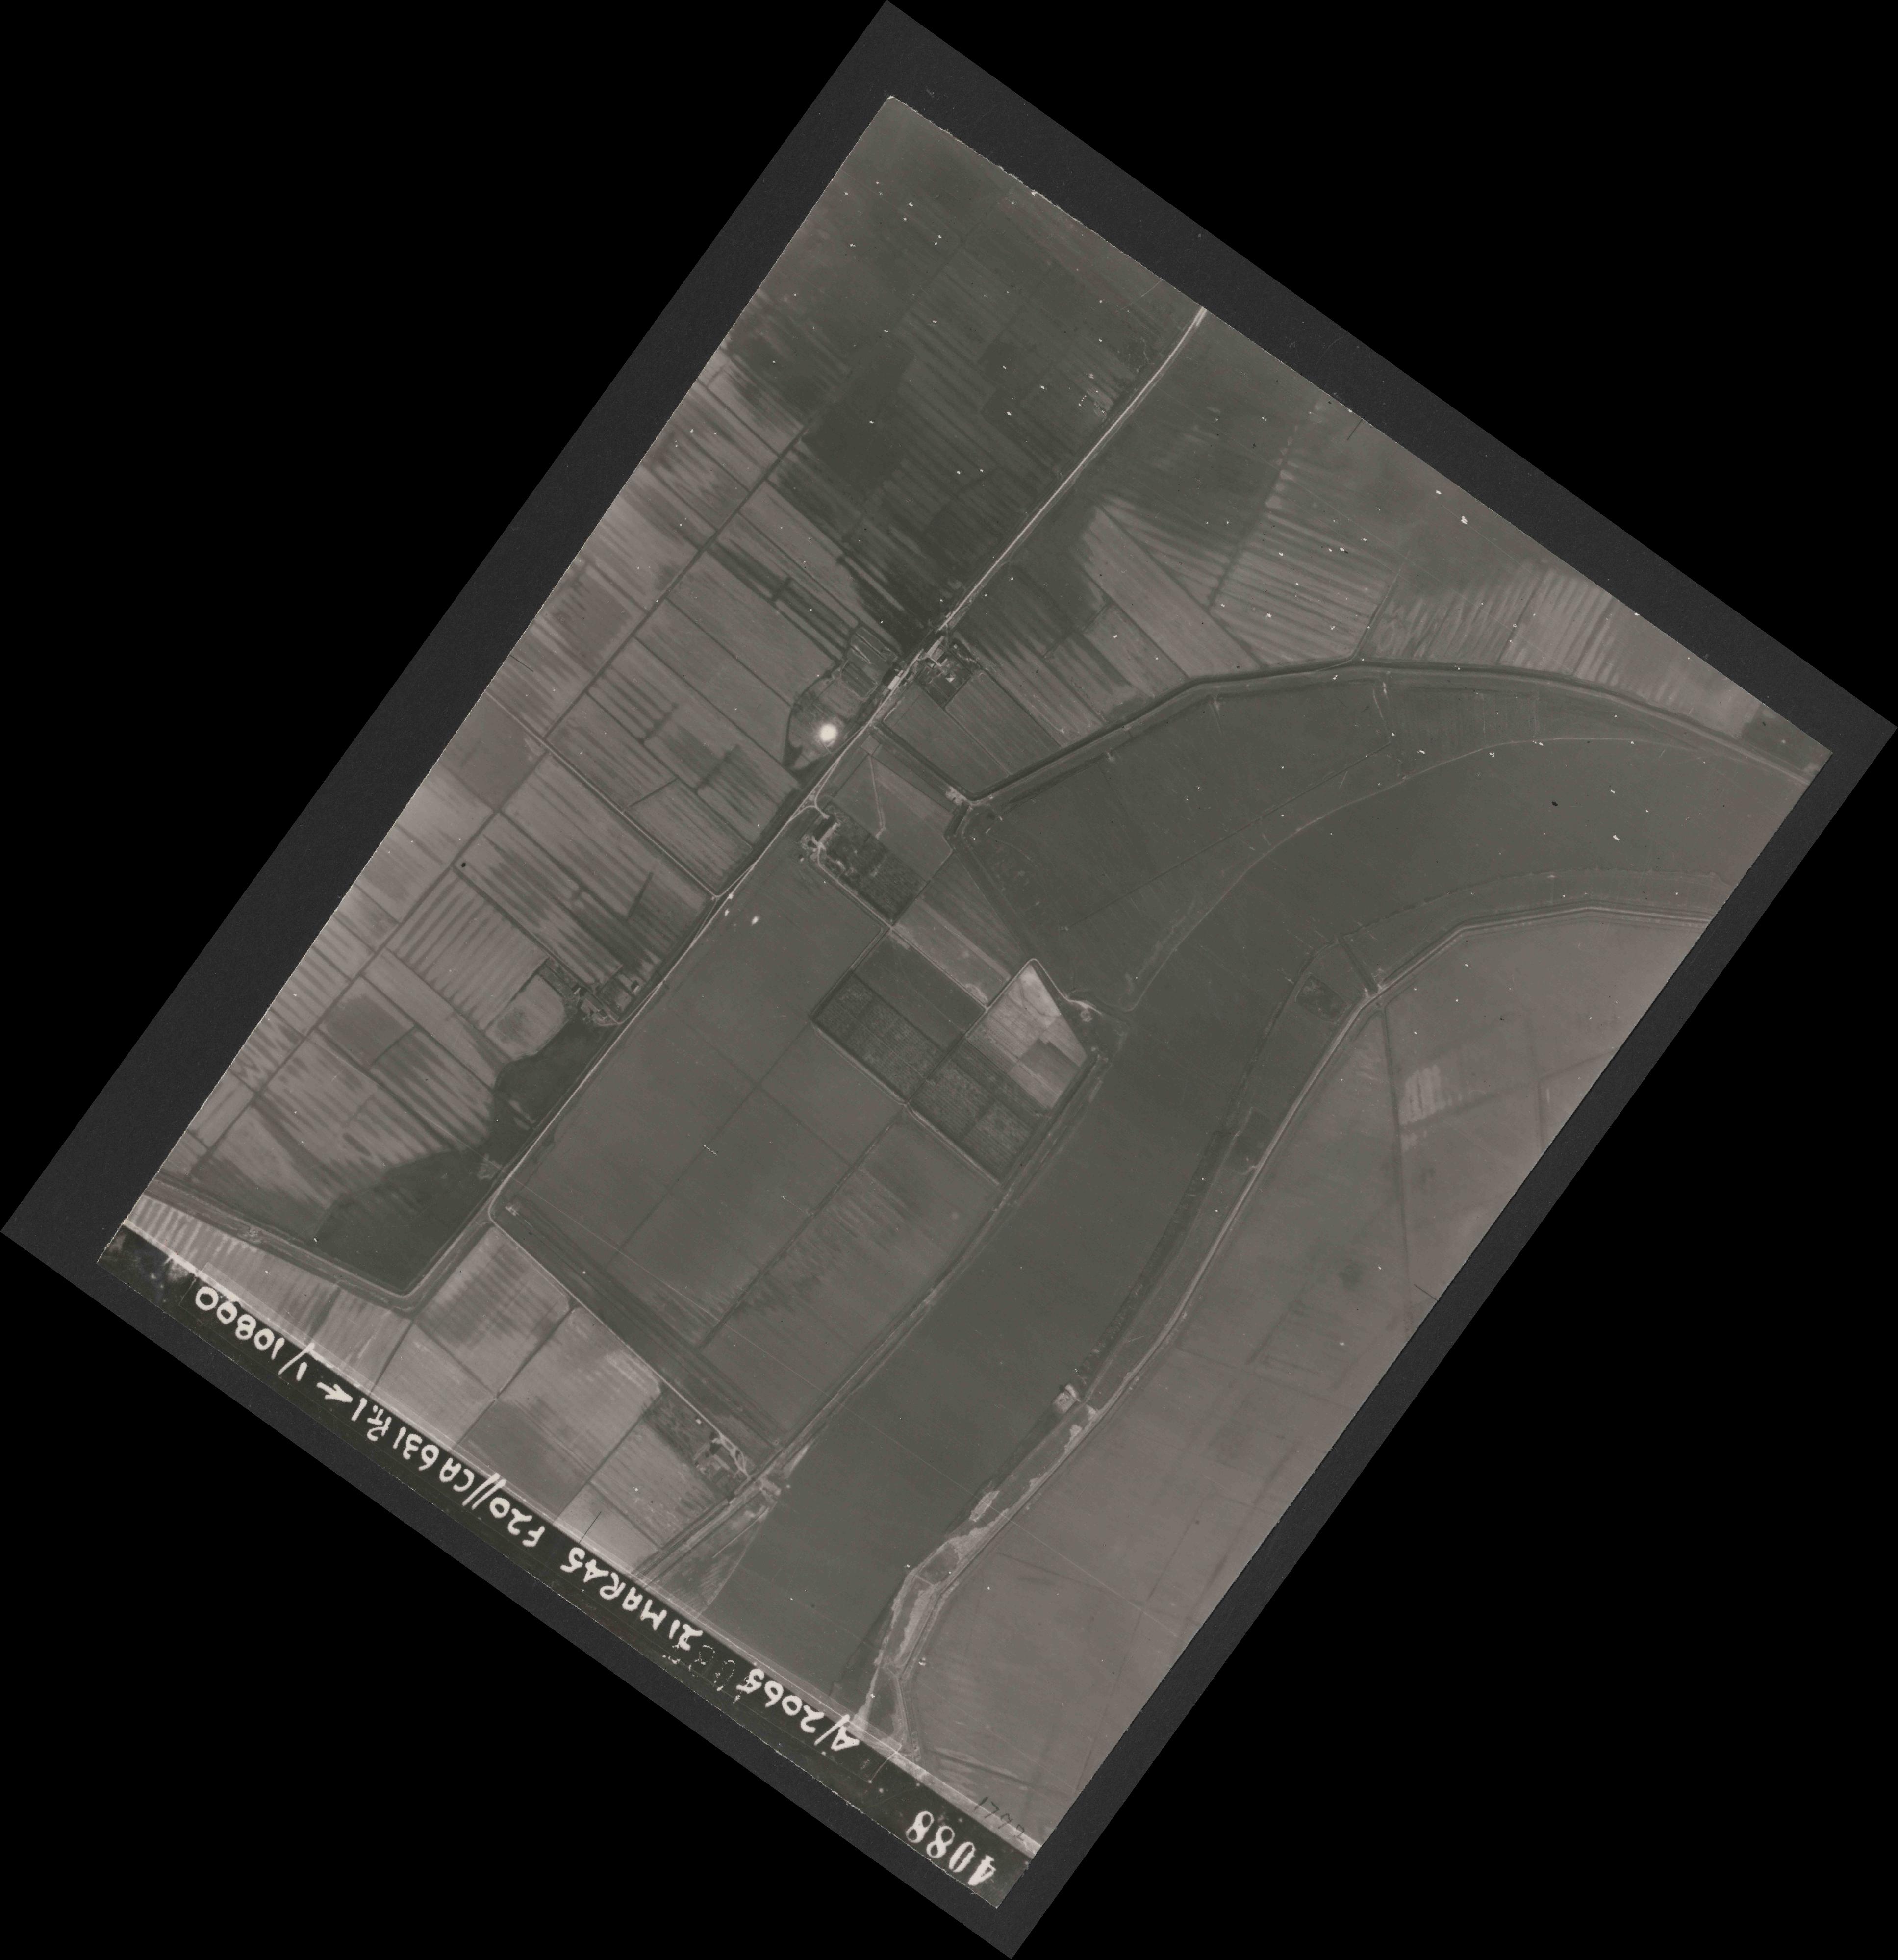 Collection RAF aerial photos 1940-1945 - flight 308, run 02, photo 4088